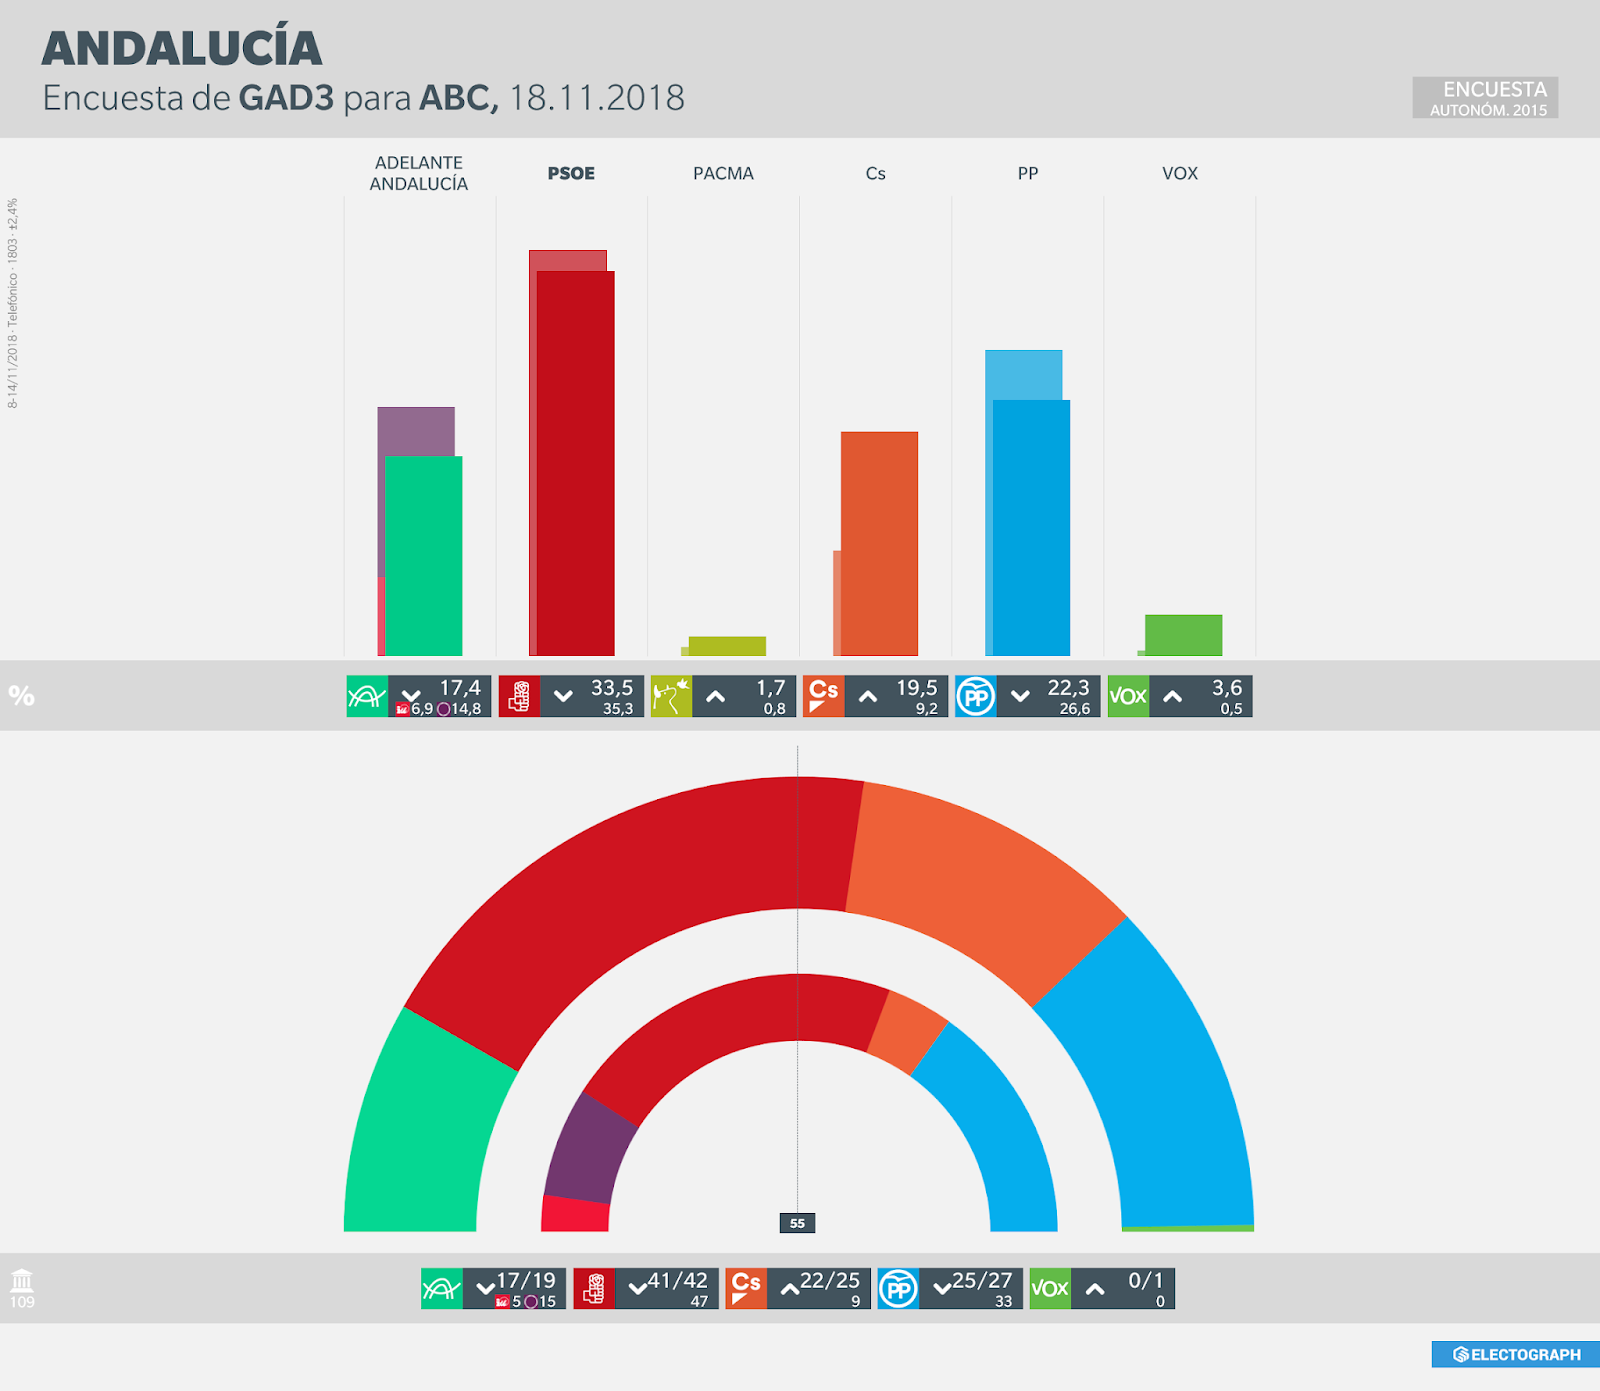 Gráfico de la encuesta para elecciones autonómicas en Andalucía realizada por GAD3 para ABC en noviembre de 2018